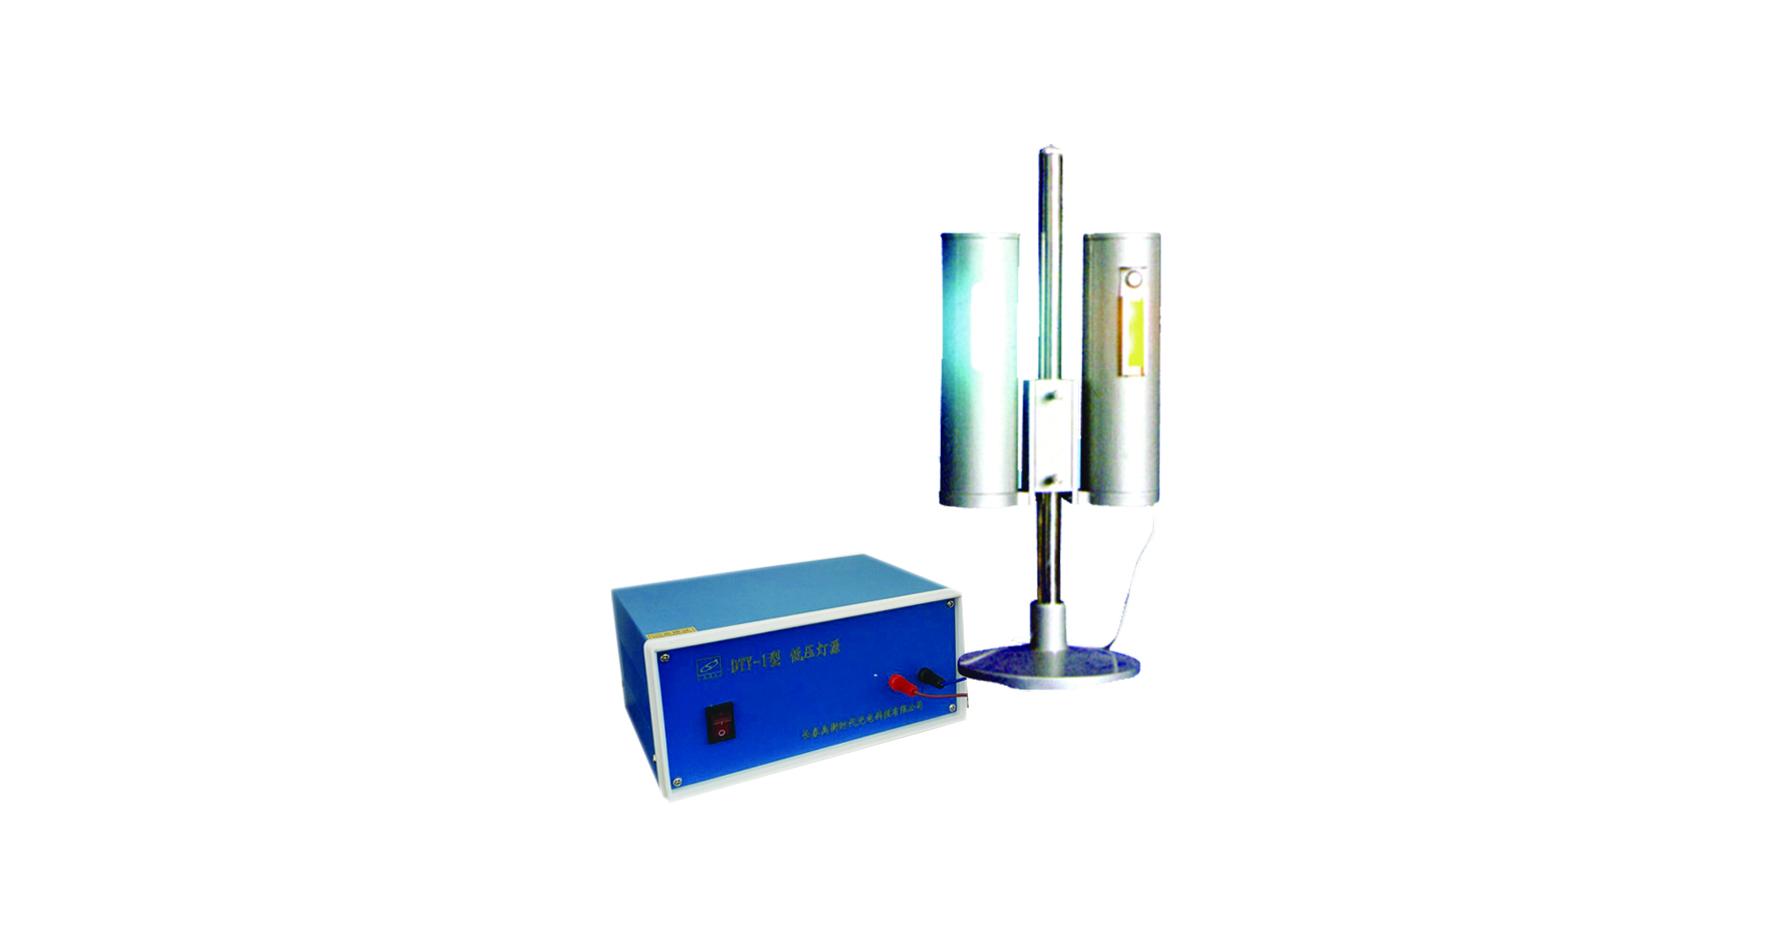 可调钠、汞双灯光源DTY-2